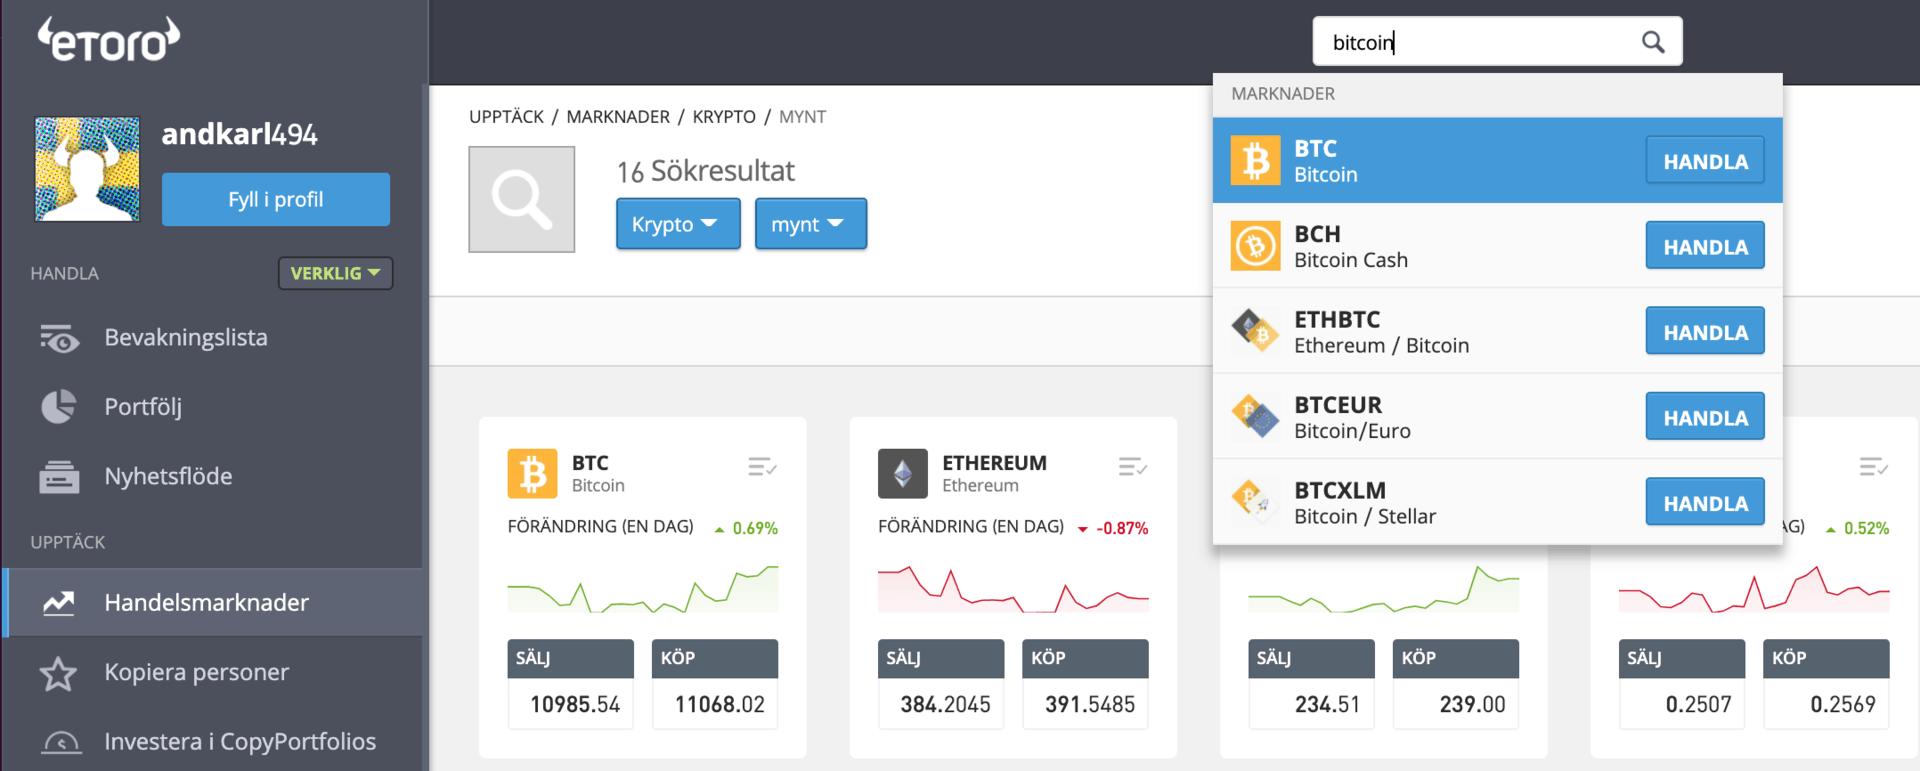 Så här gör du för att köpa Bitcoin med eToro